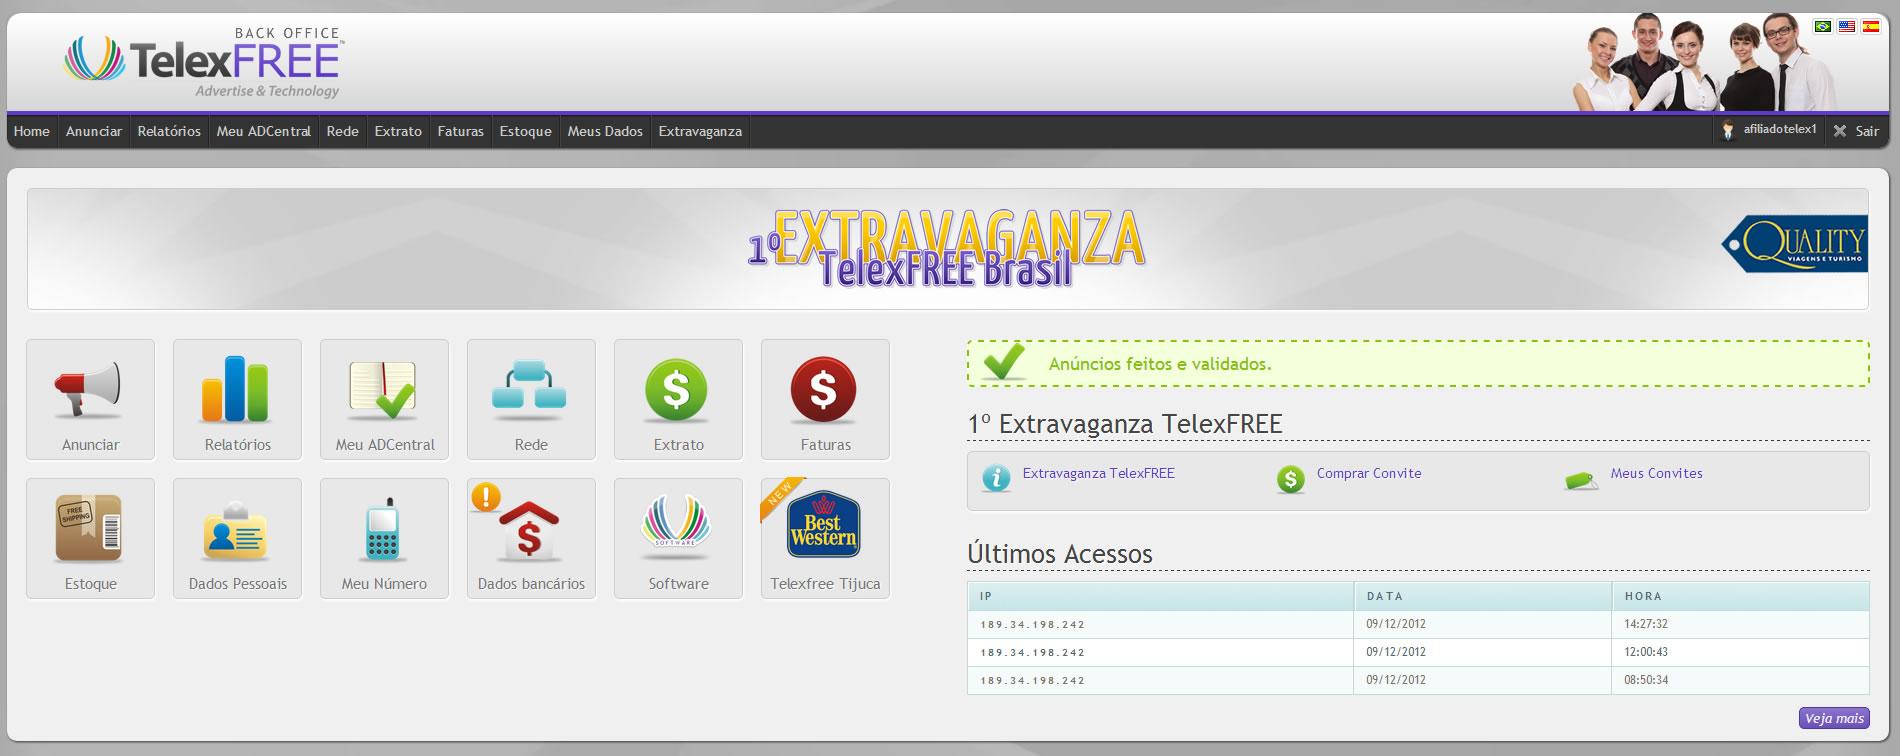 Back Office TelexFREE (clique na imagem para ampliar)